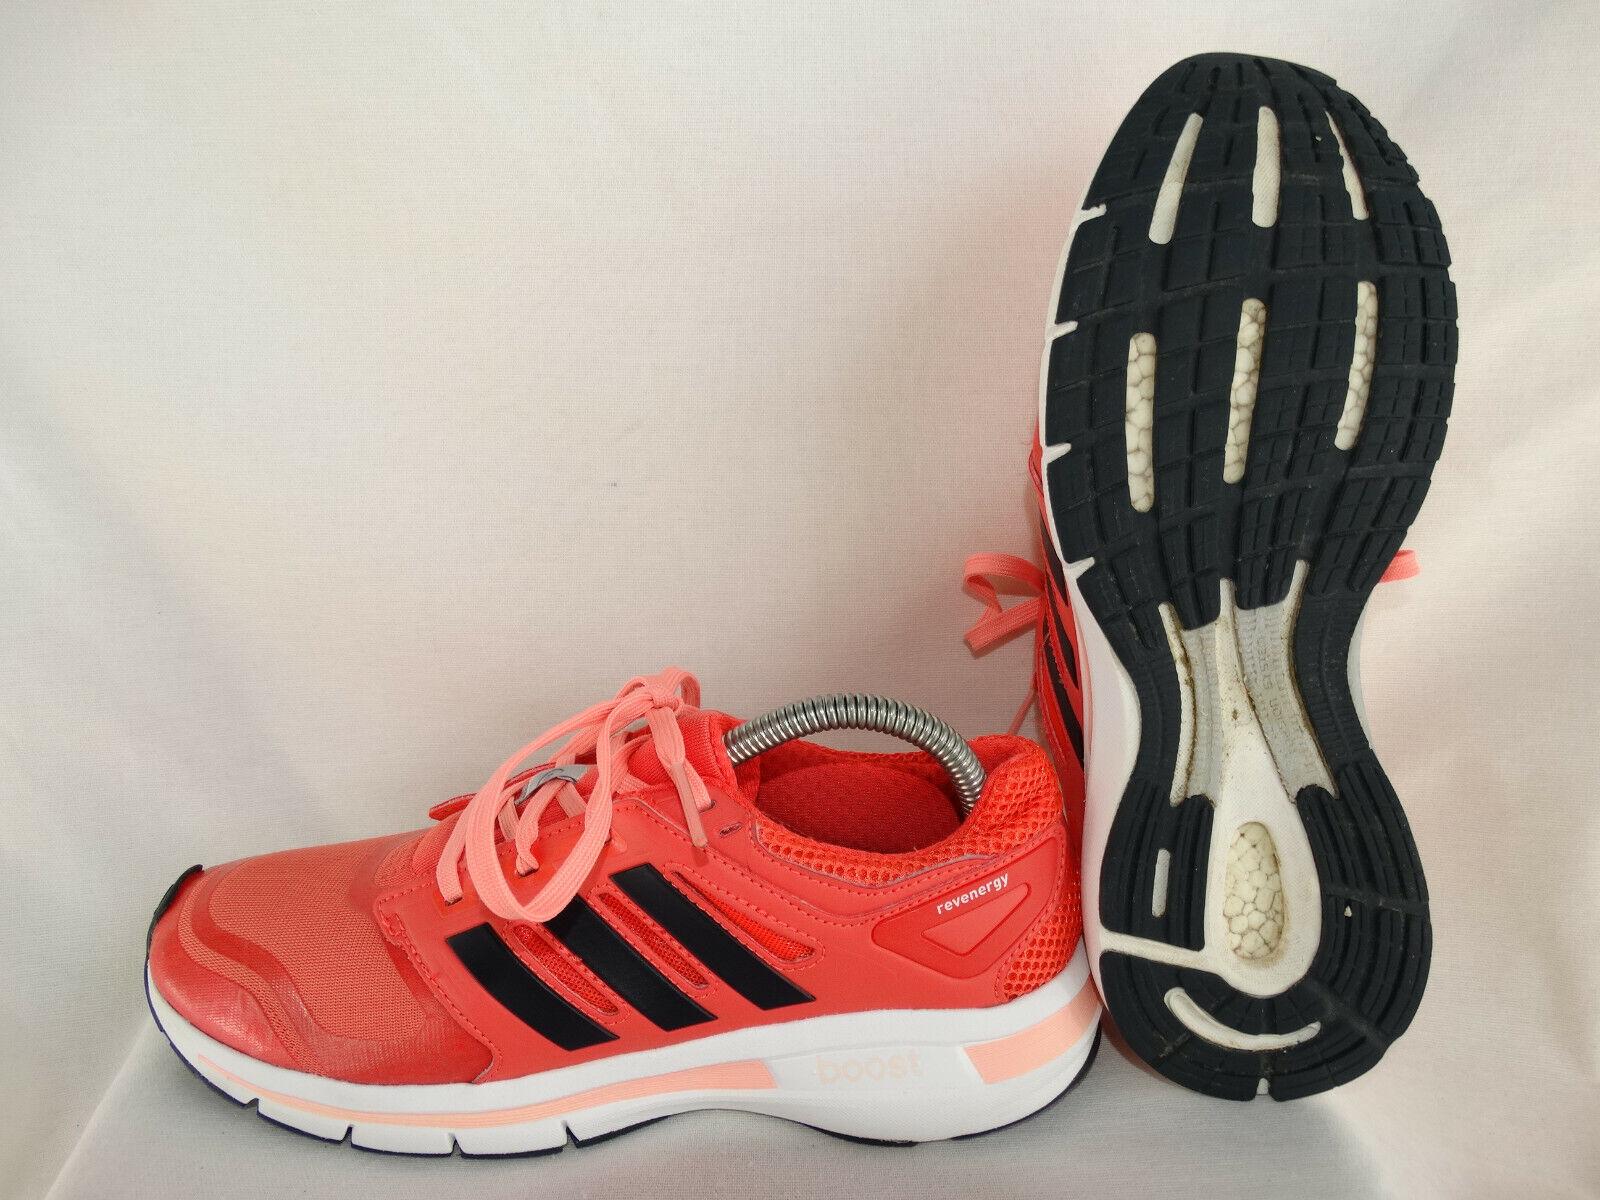 Adidas Revenergy 6 UK 3 1 39 EU pfirsich D66246 Laufschuhe